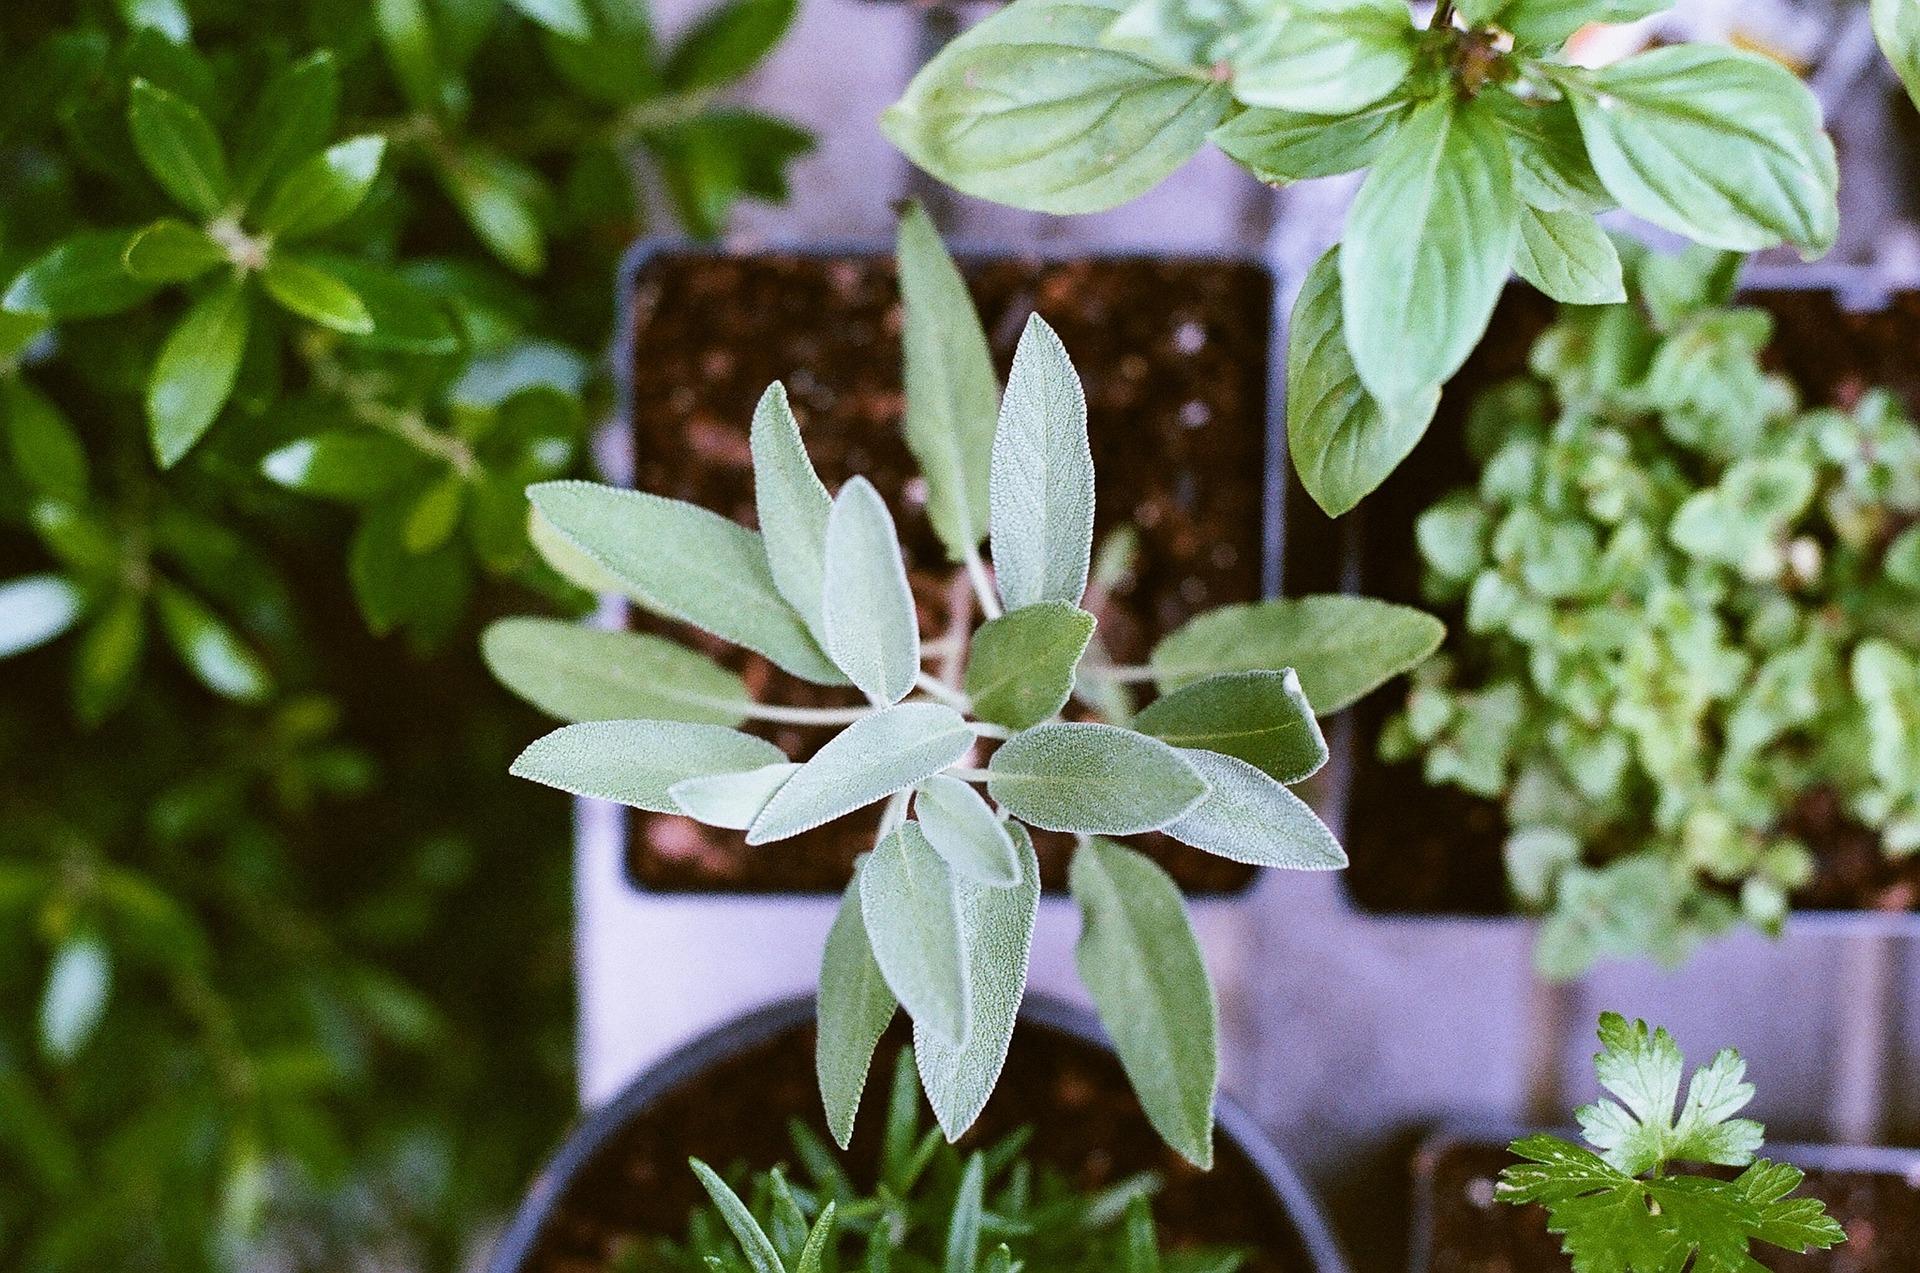 Gartengestaltung auf mediterrane Art – 3 Tipps für ein besonderes Ambiente